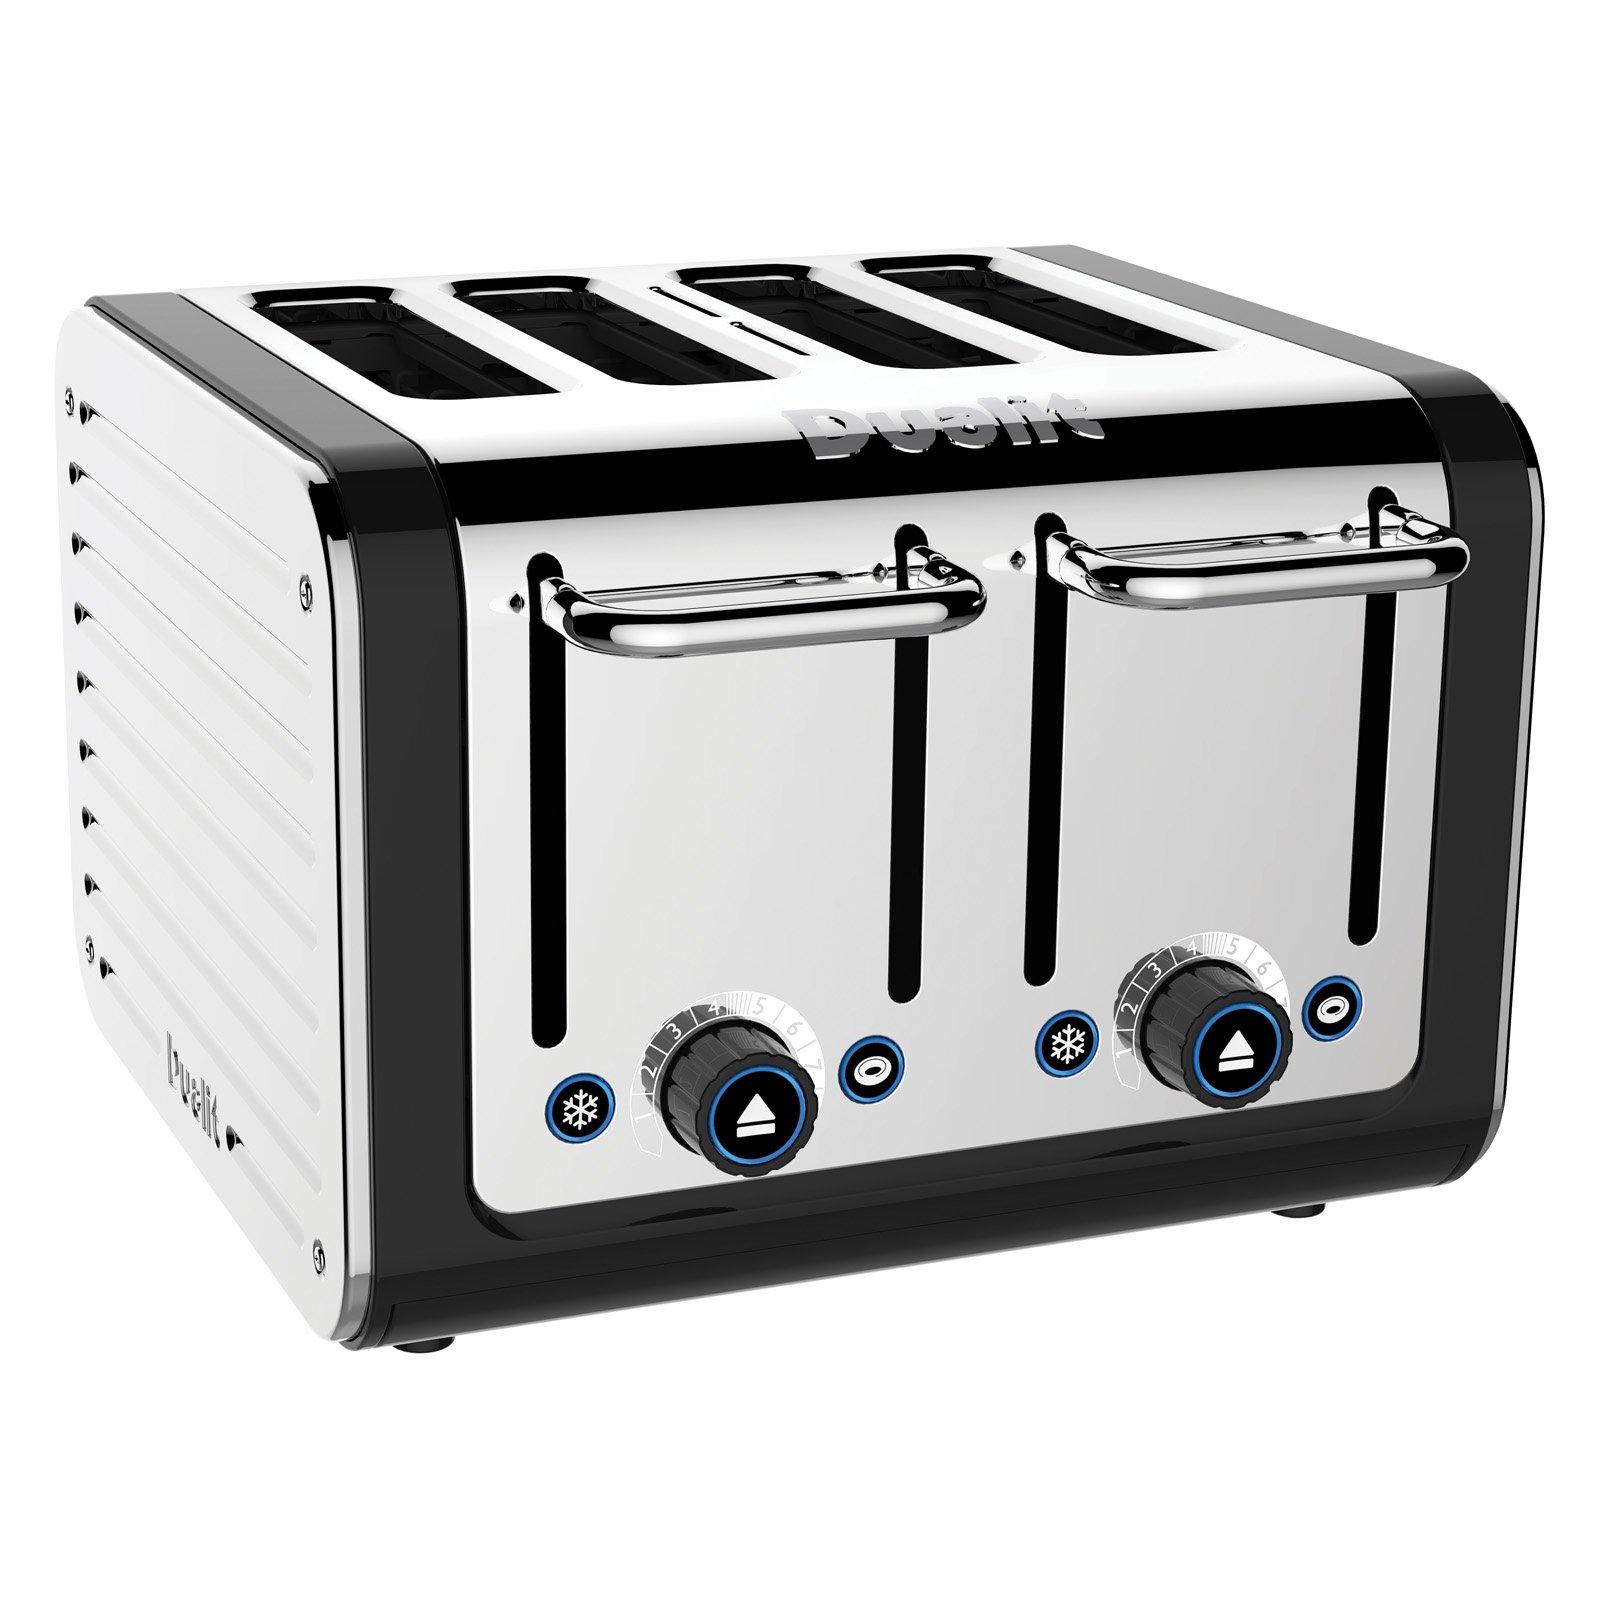 Dualit 46555 Design Series 4 Slice Toaster - Black